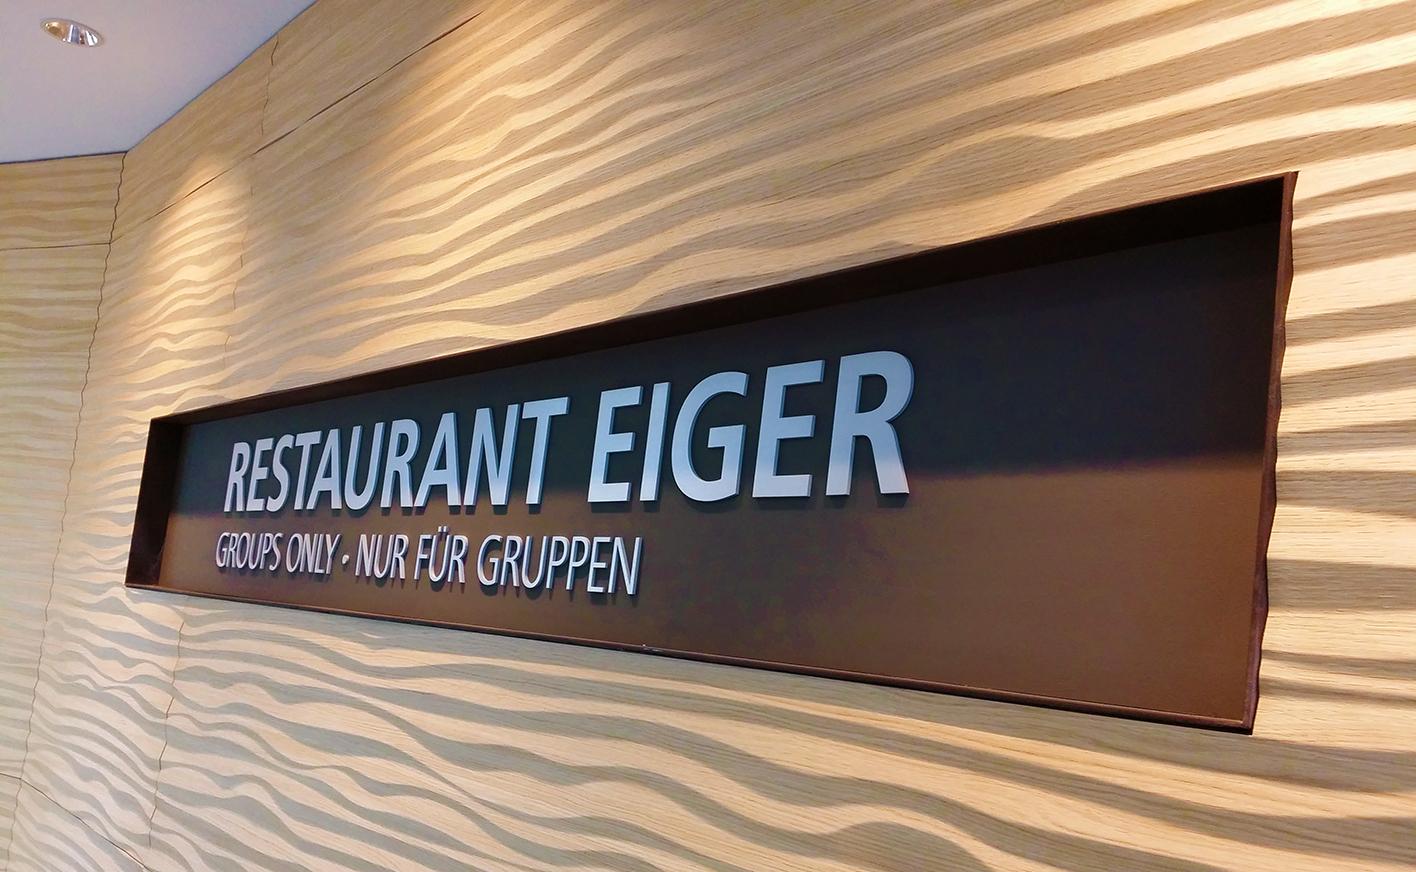 Innenarchitektur Bern innenarchitektur gletscherrestaurant jungfraujoch atelier 10punkt3